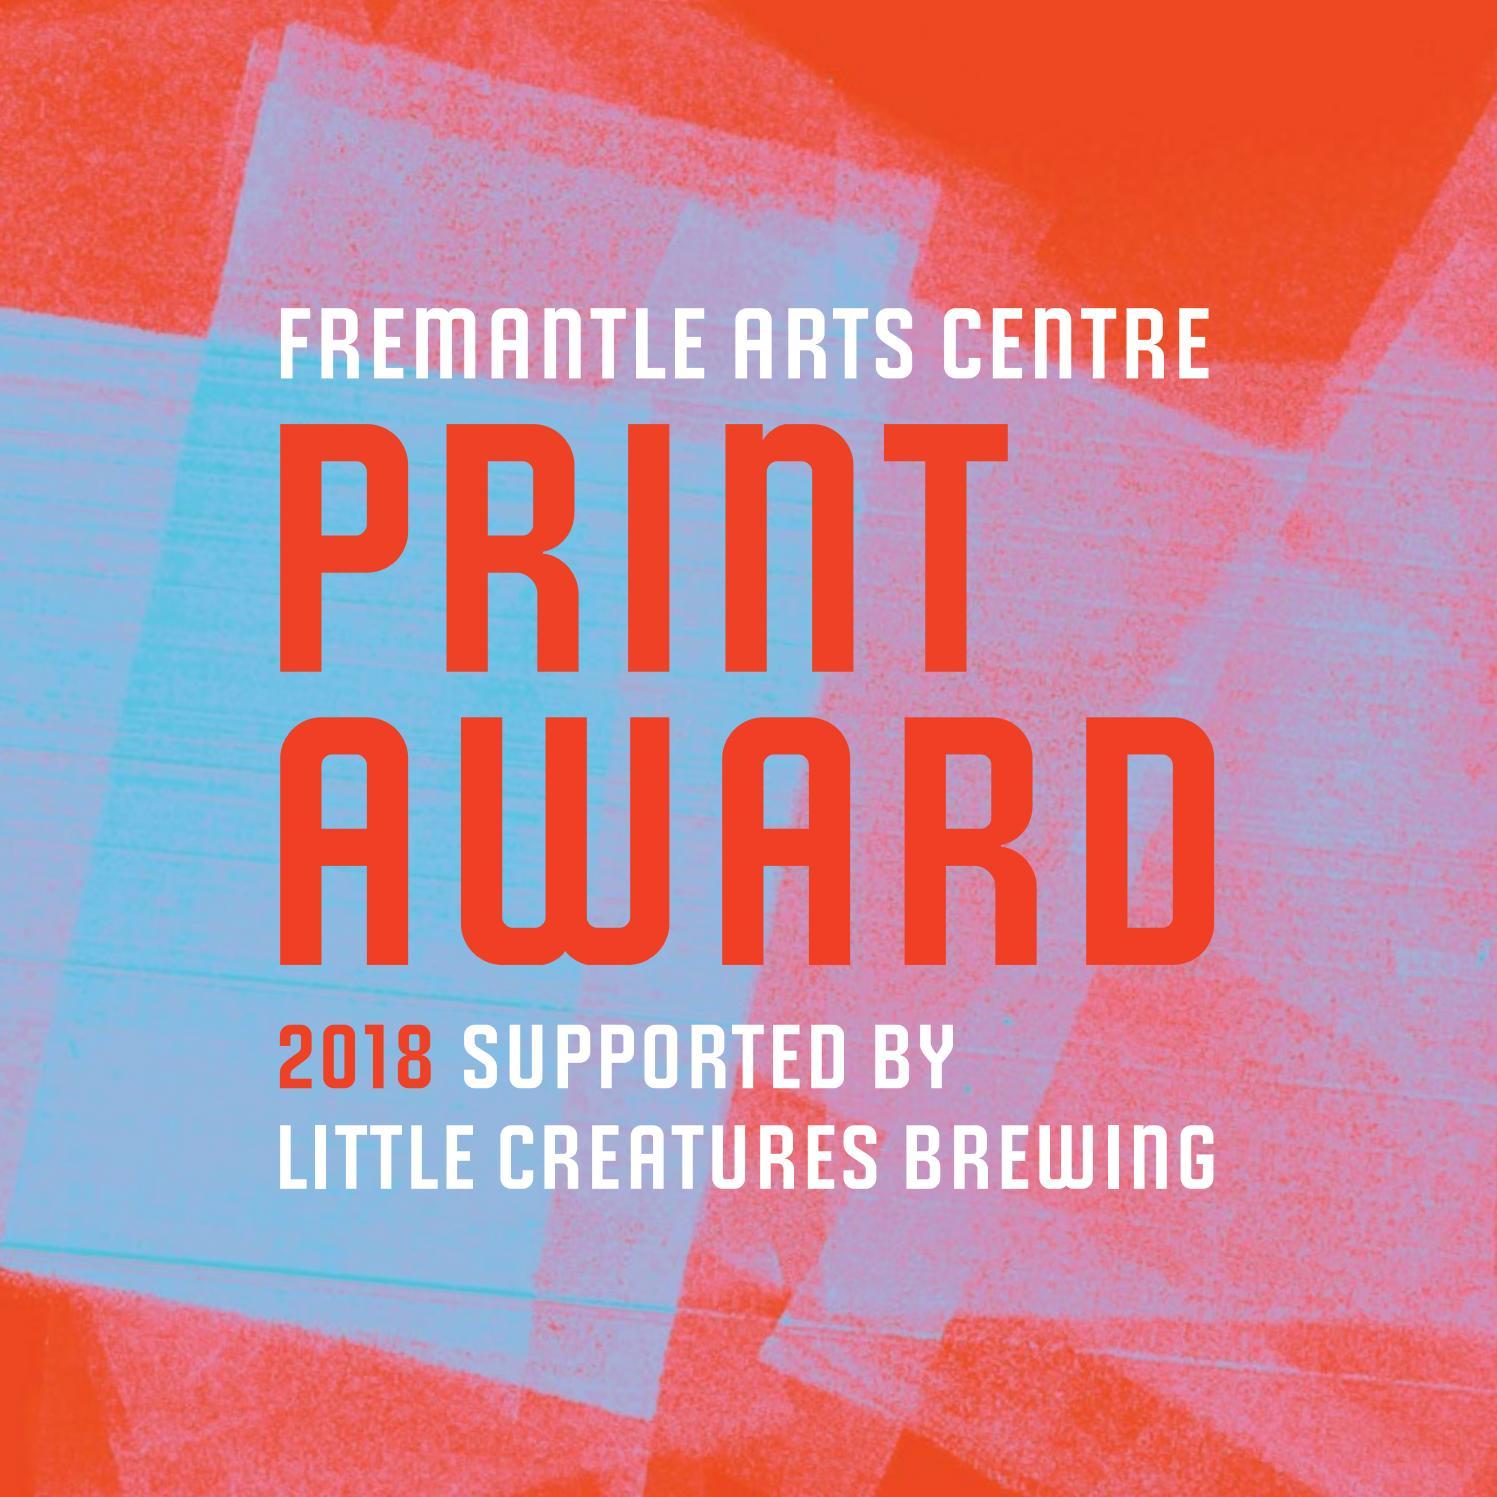 Exhibition Catalogue | 2018 Fremantle Arts Centre Print